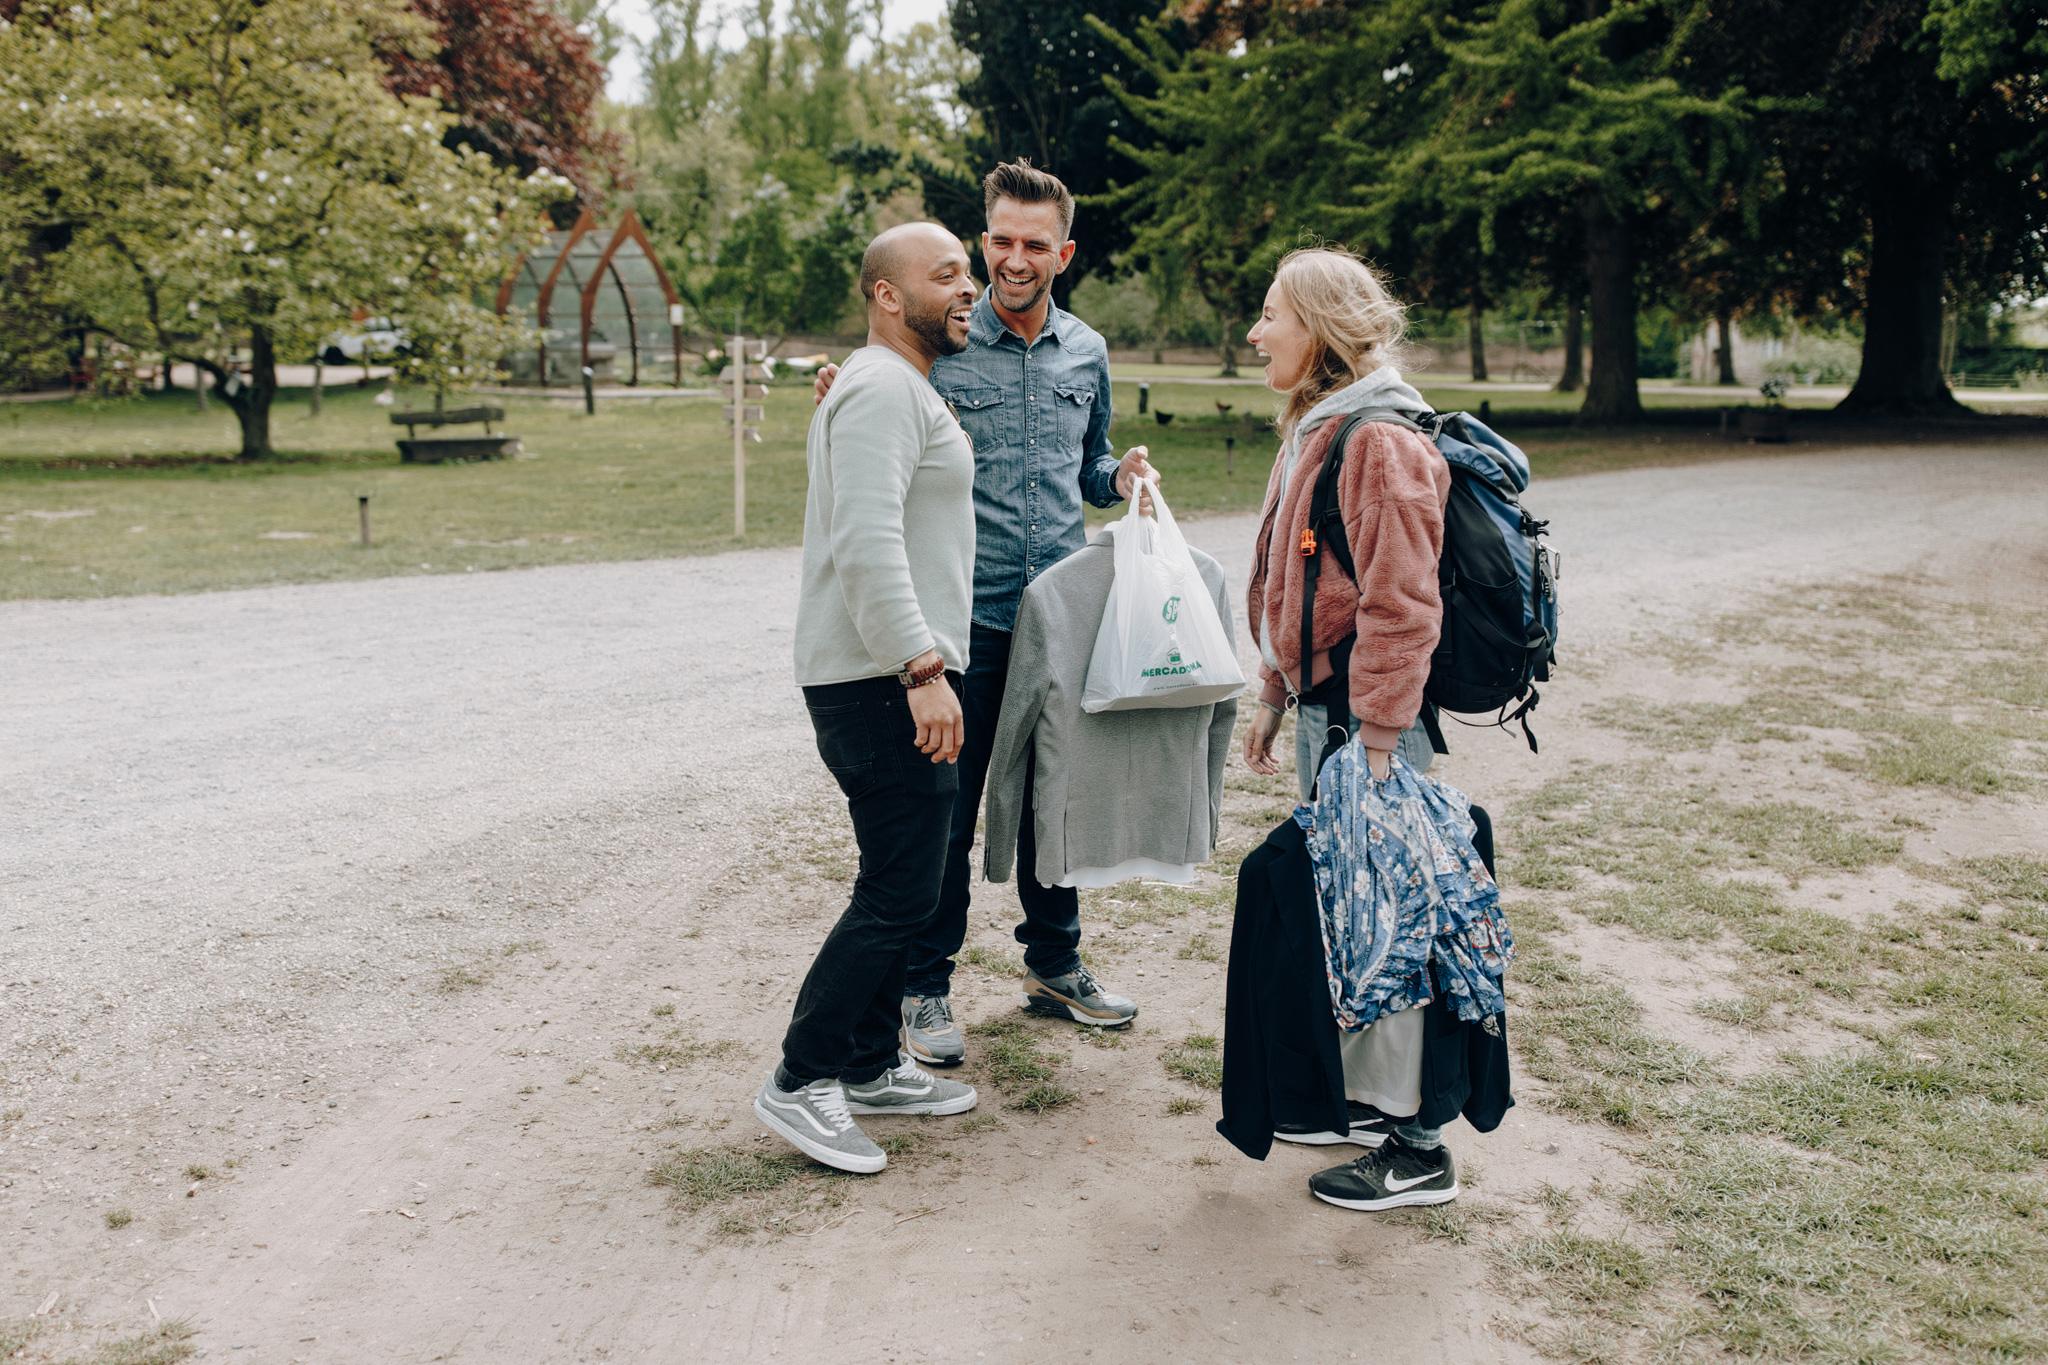 Bruidegom verwelkomd gasten op Kloster Graefenthal